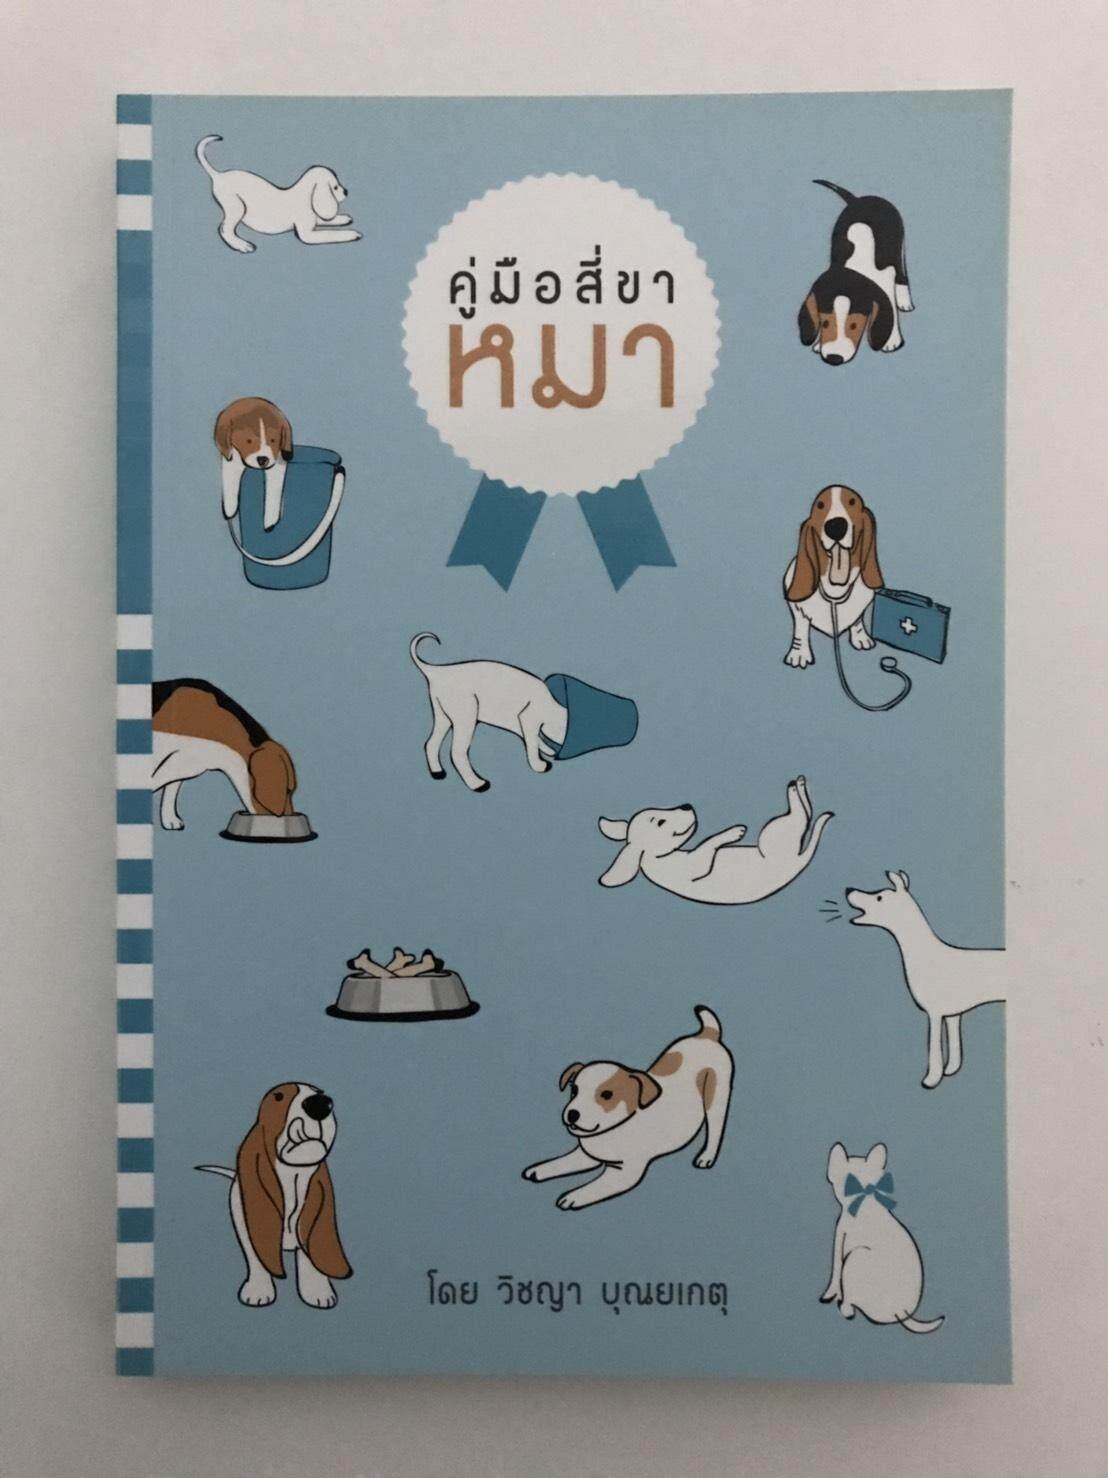 คู่มือสี่ขา หมา By Bbook Store.